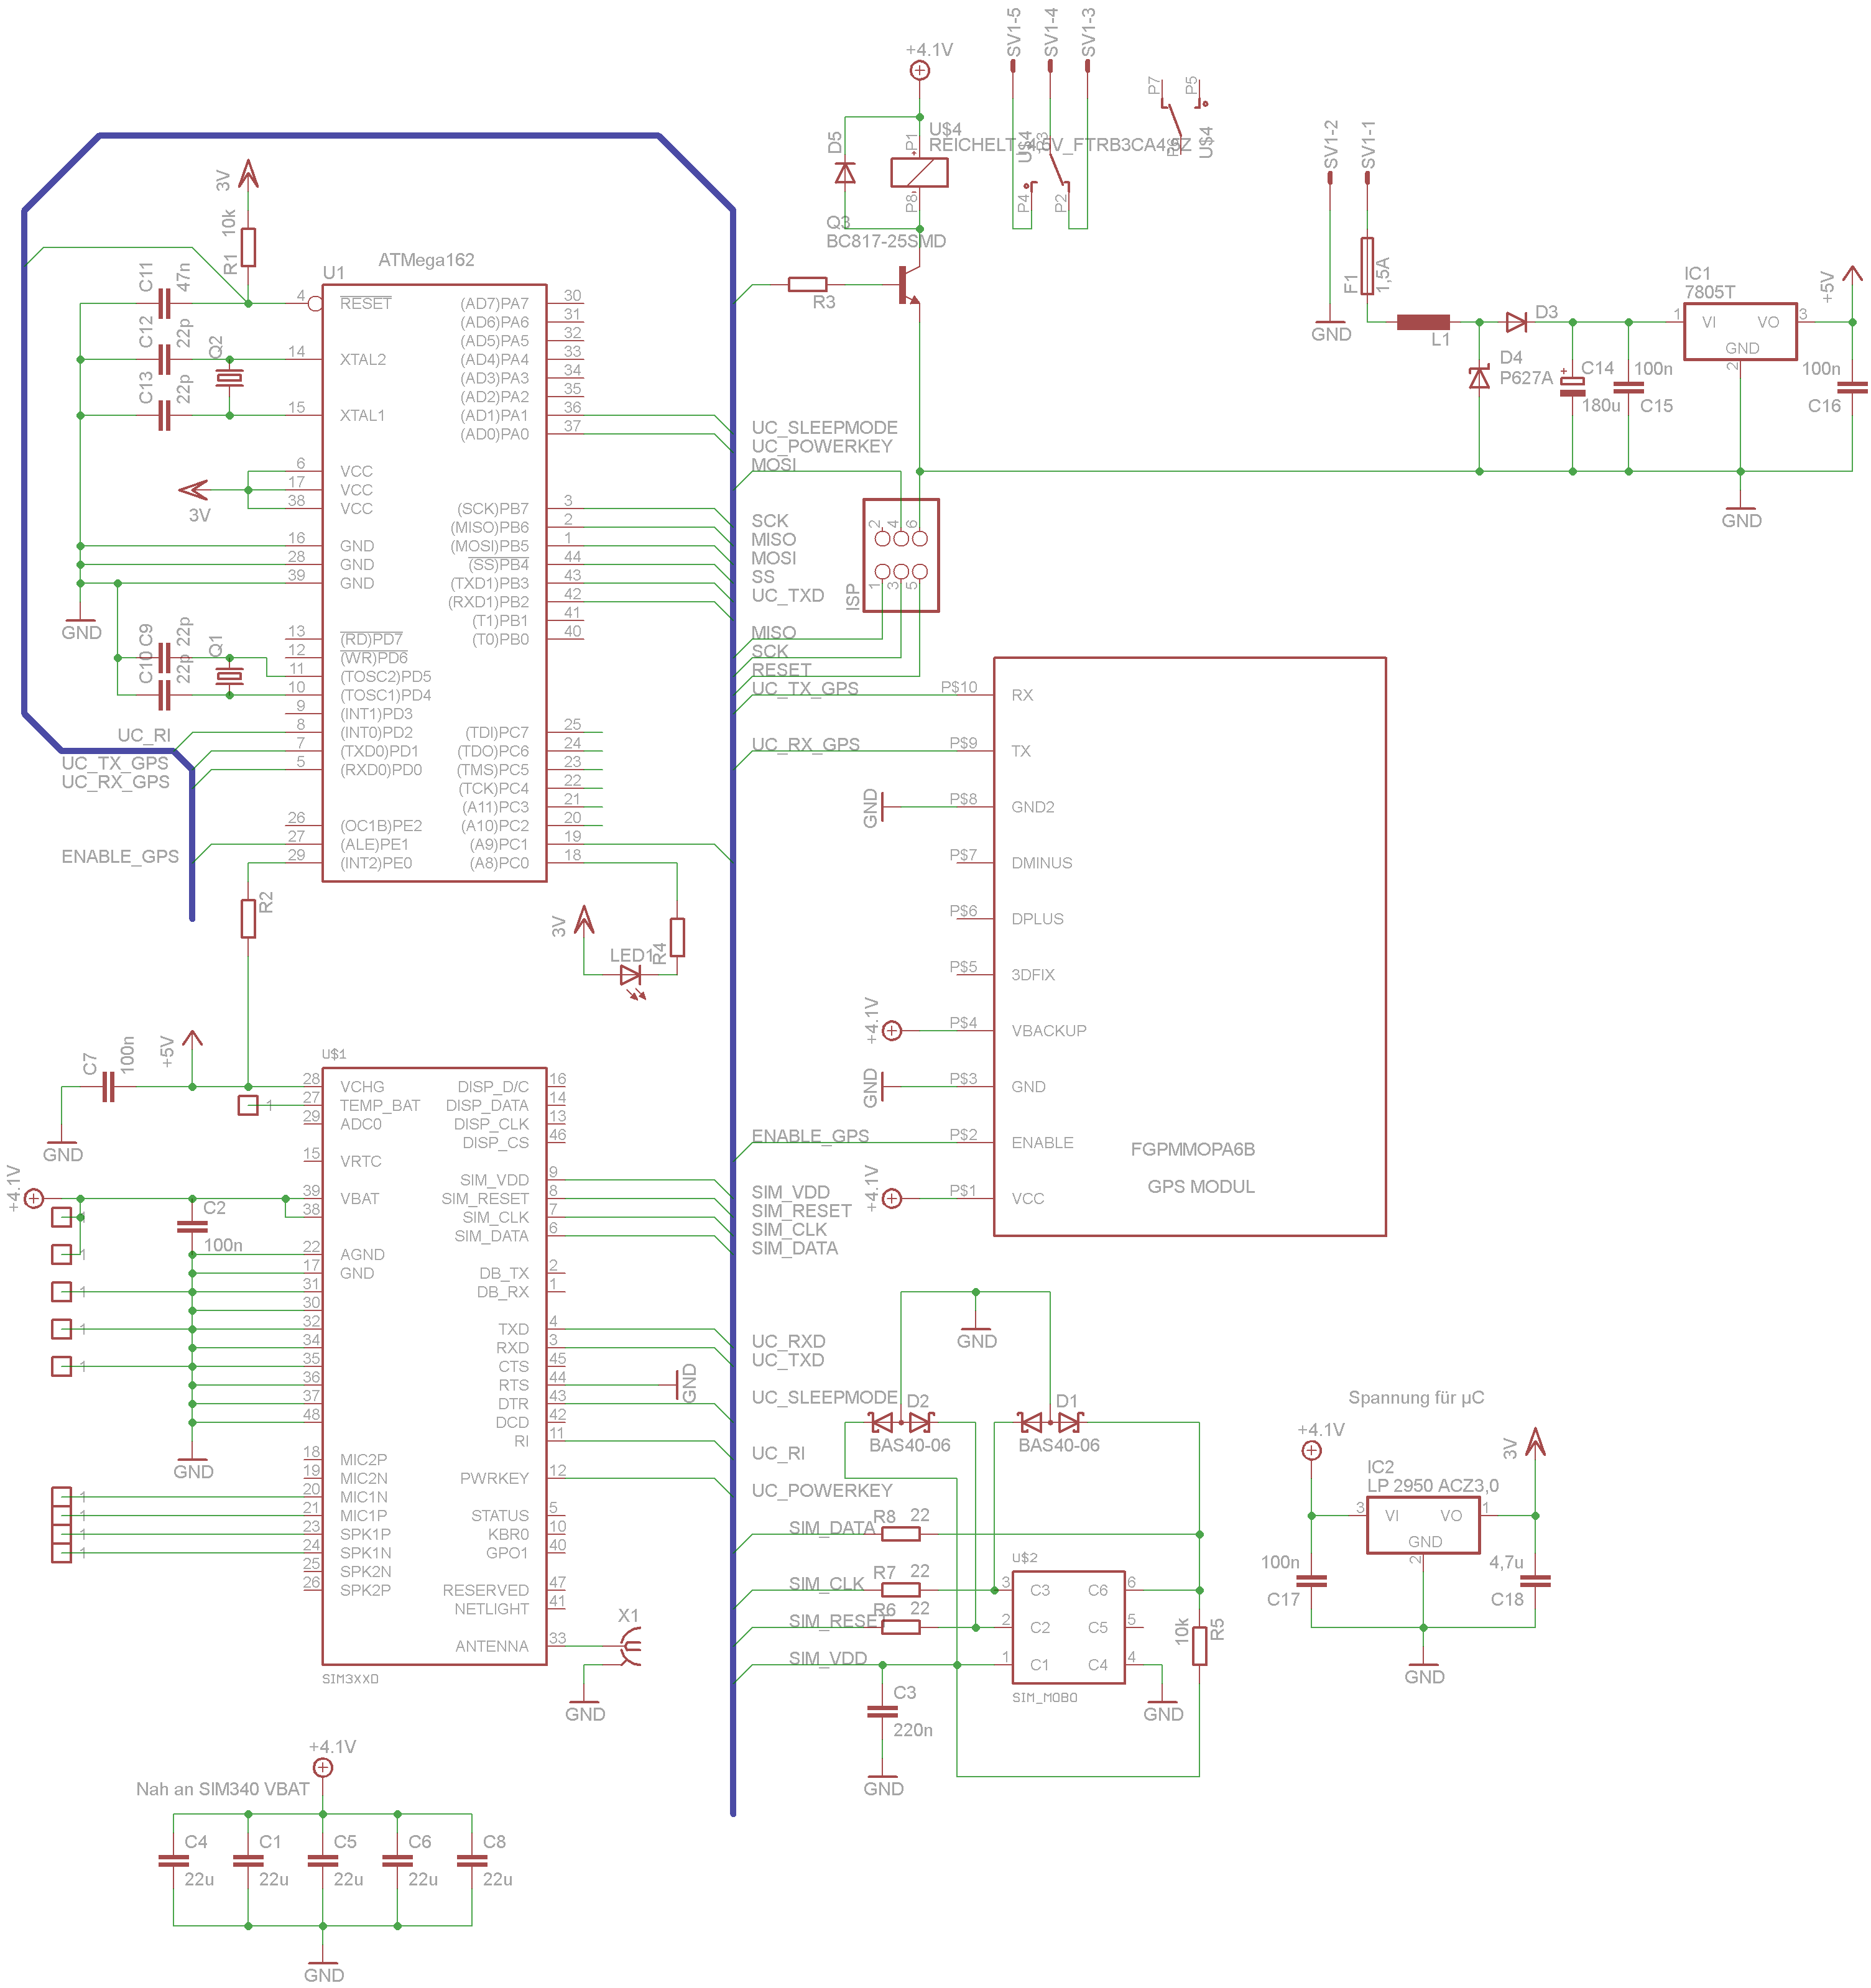 Sammelbestellung GSM-GPS Platine. - Mikrocontroller.net